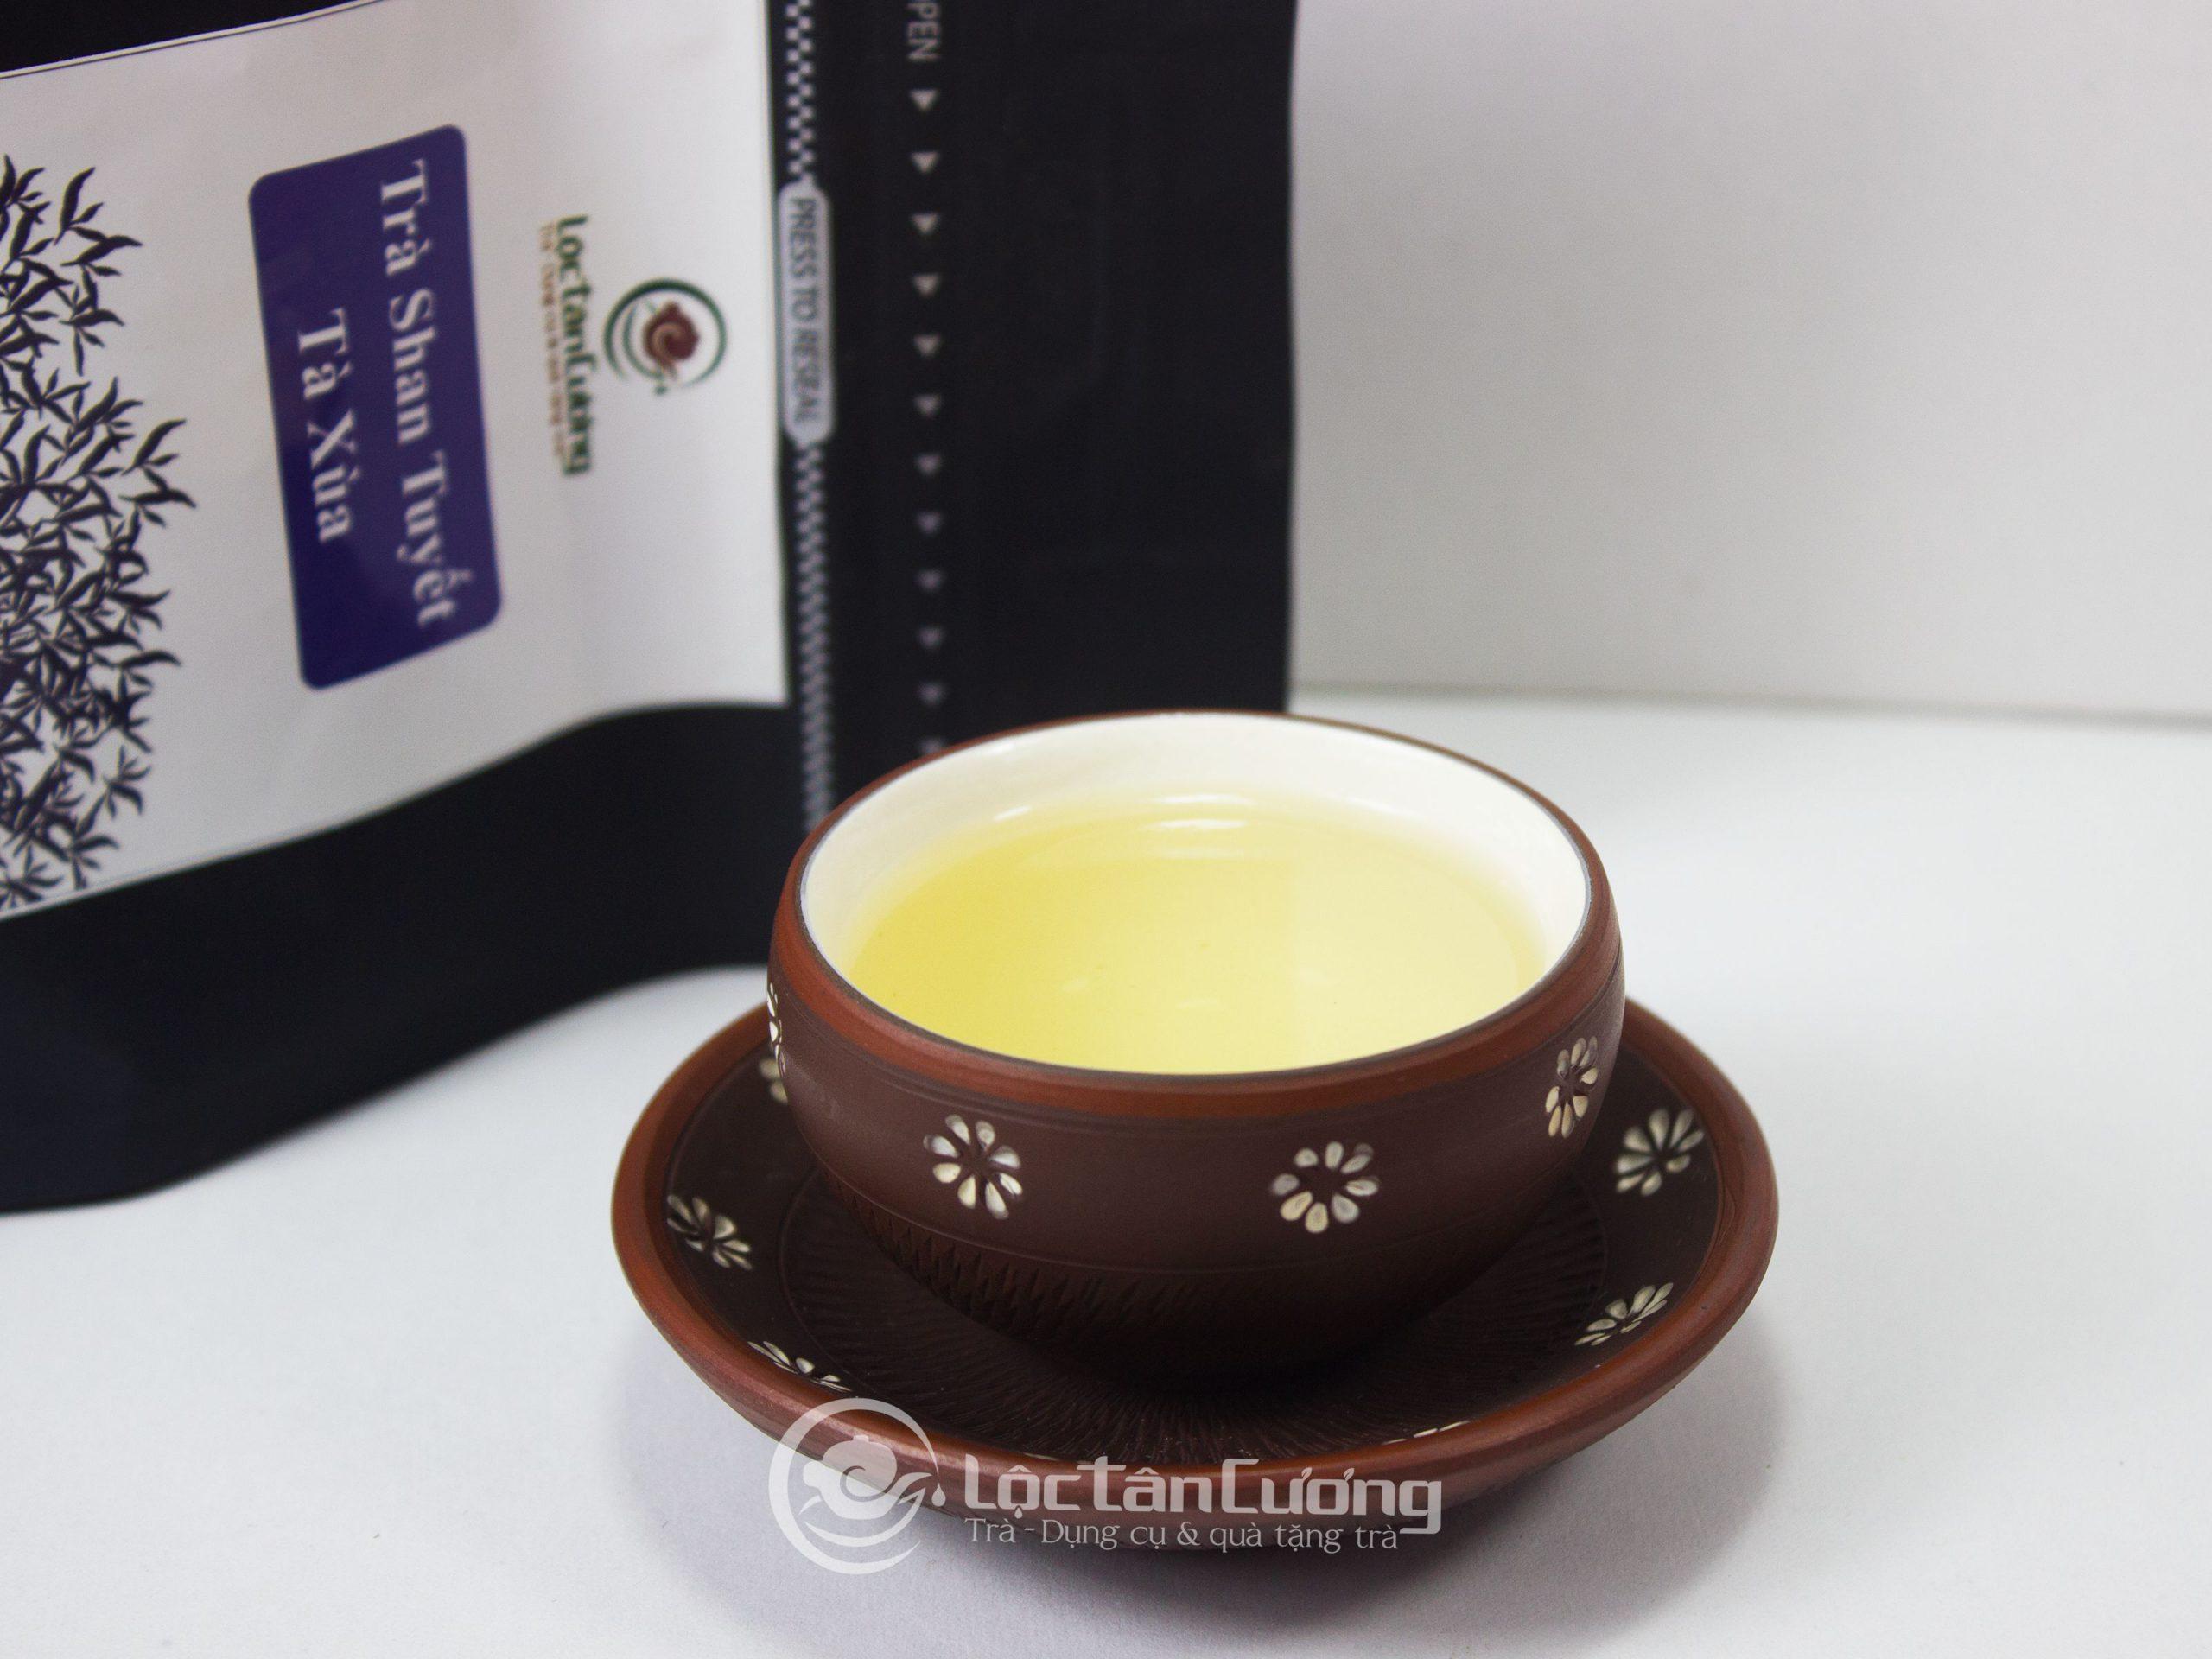 Trà shan tuyết cổ thụ tà xùa vào màu xuân và màu thu đều có hương vị thơm ngon, đậm đà